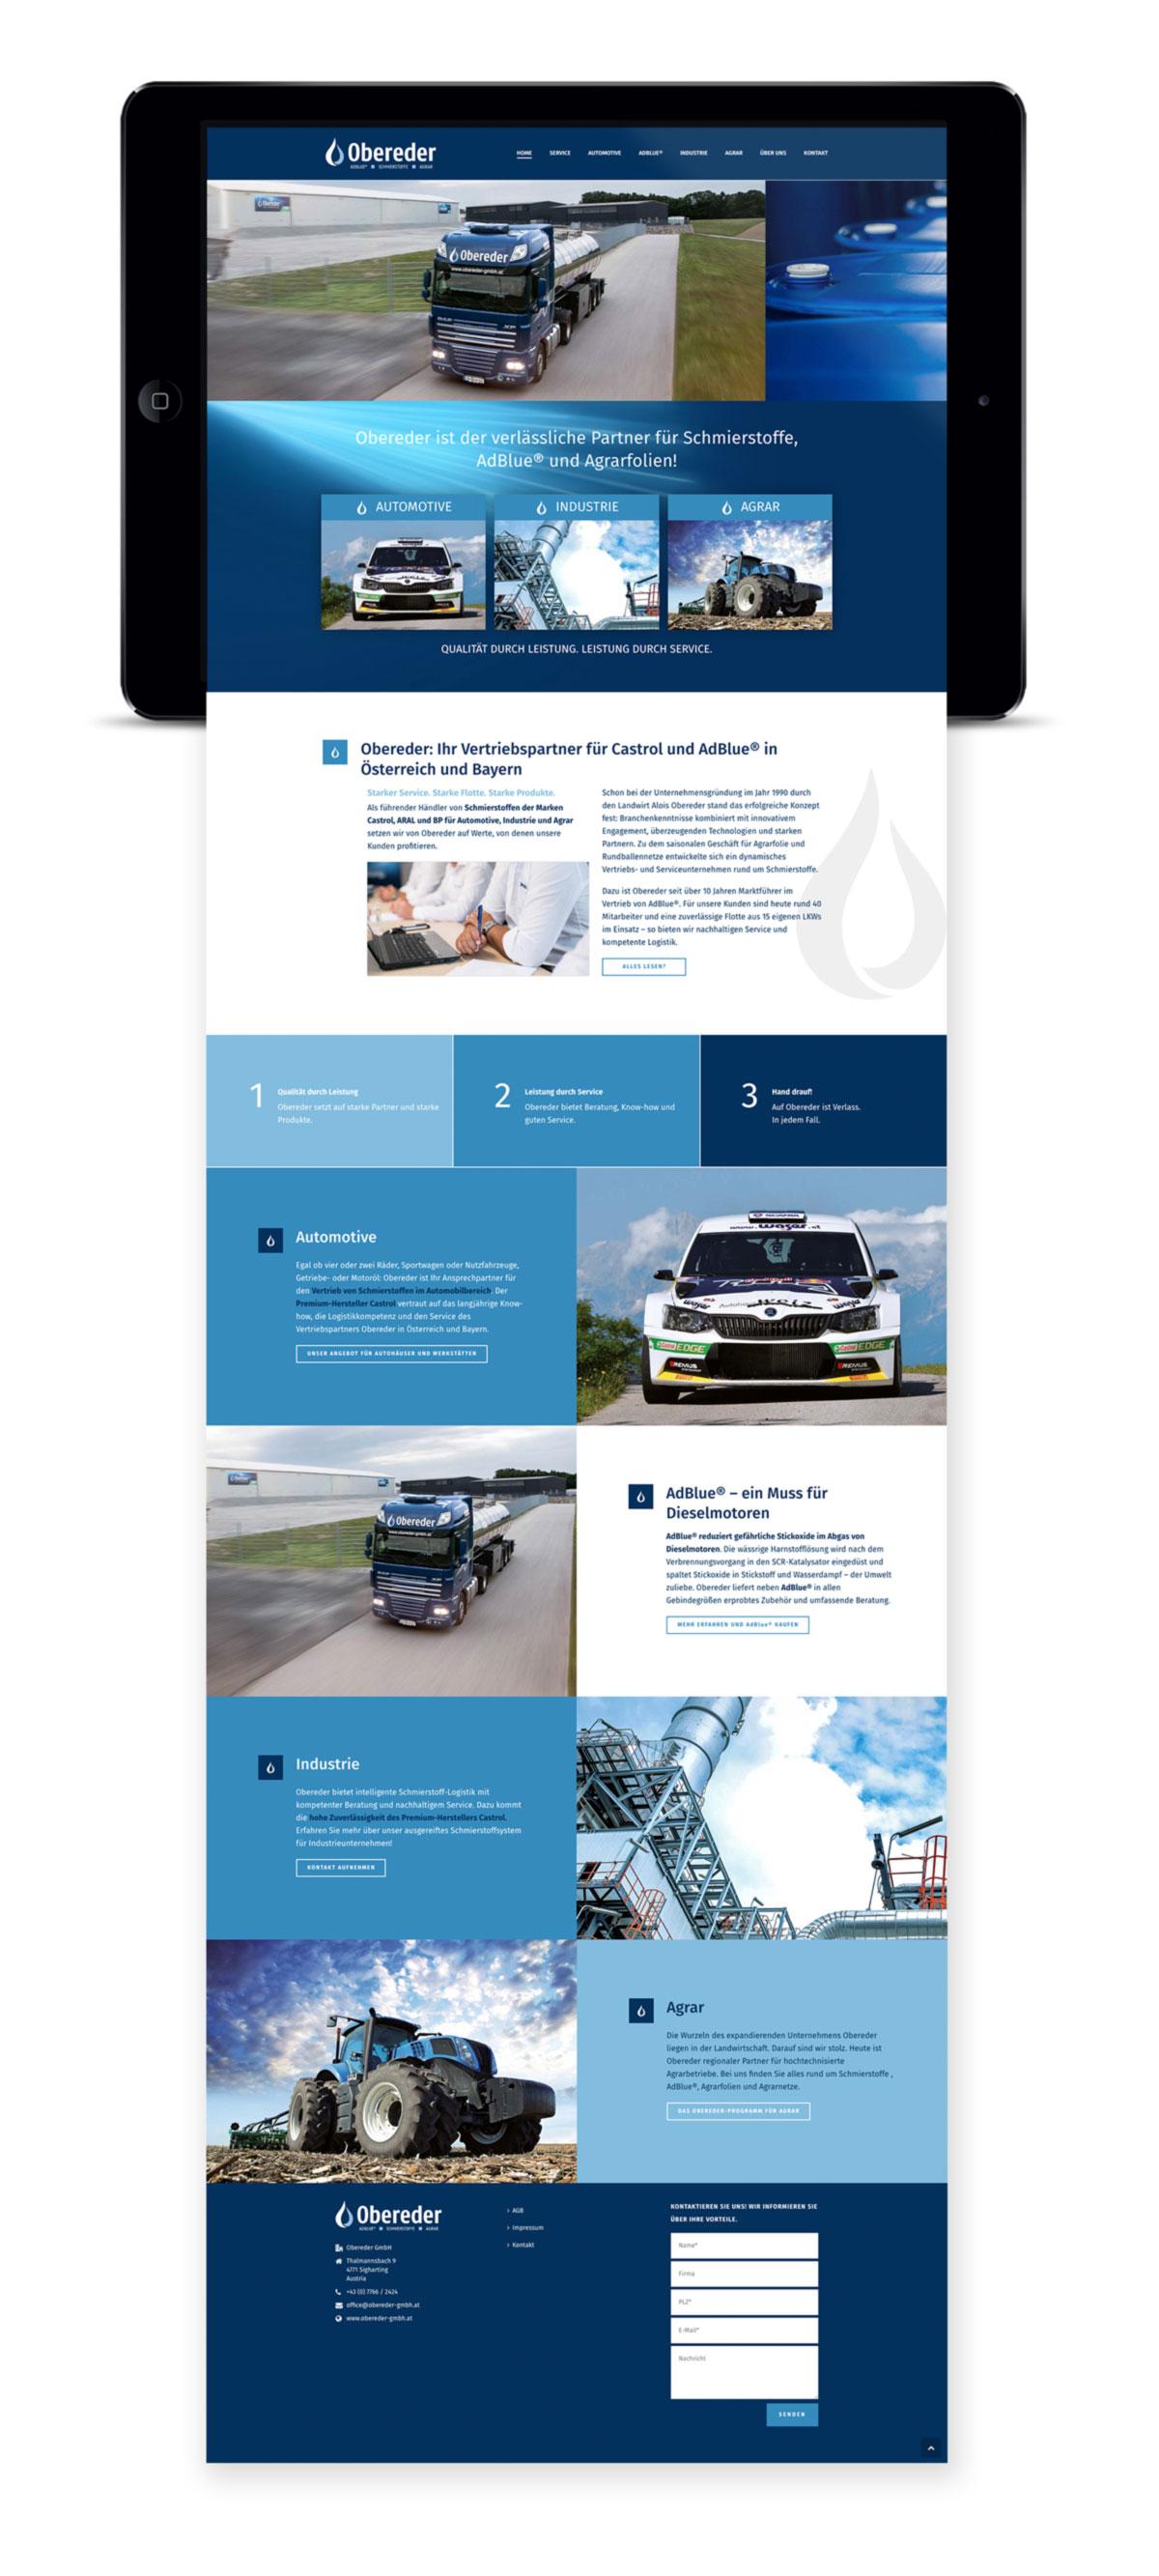 website-obereder-gmbh-designkitchen.jpg